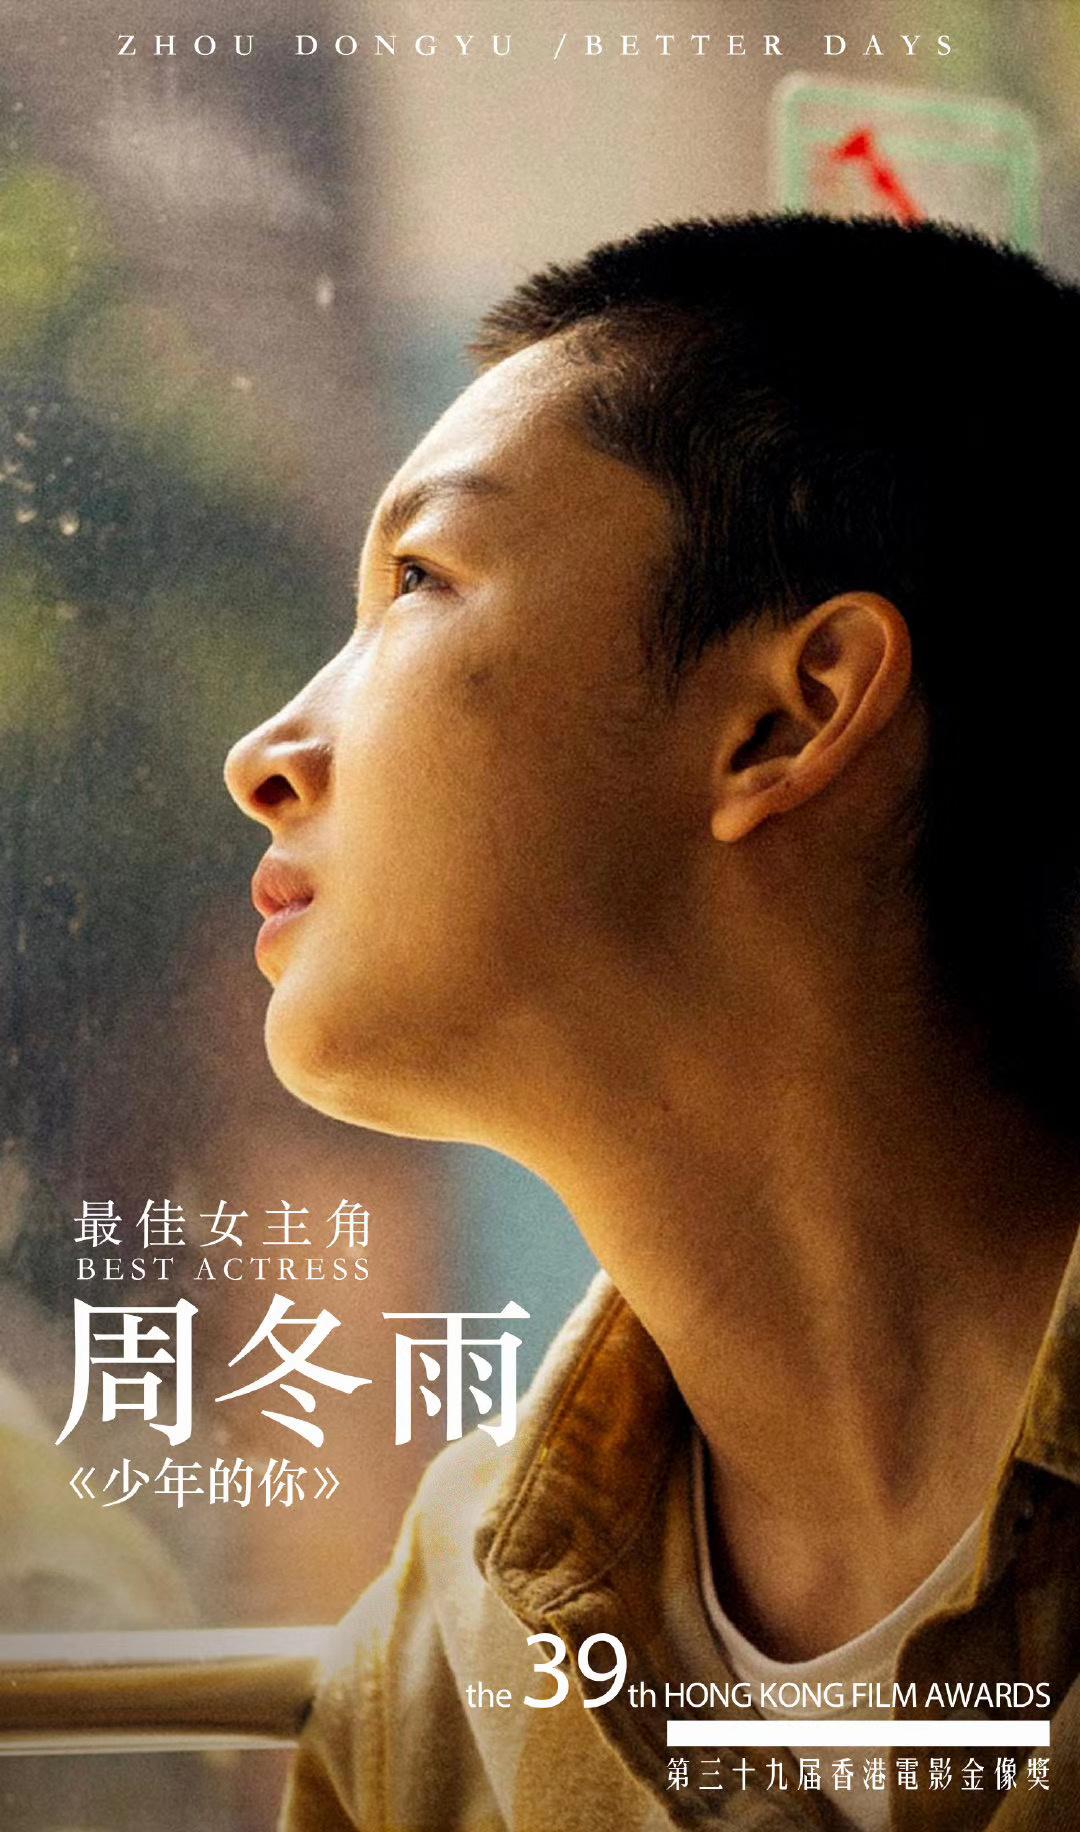 镇江旅游景点:第39届金像奖揭晓 《少年的你》获8奖成最大赢家 第2张